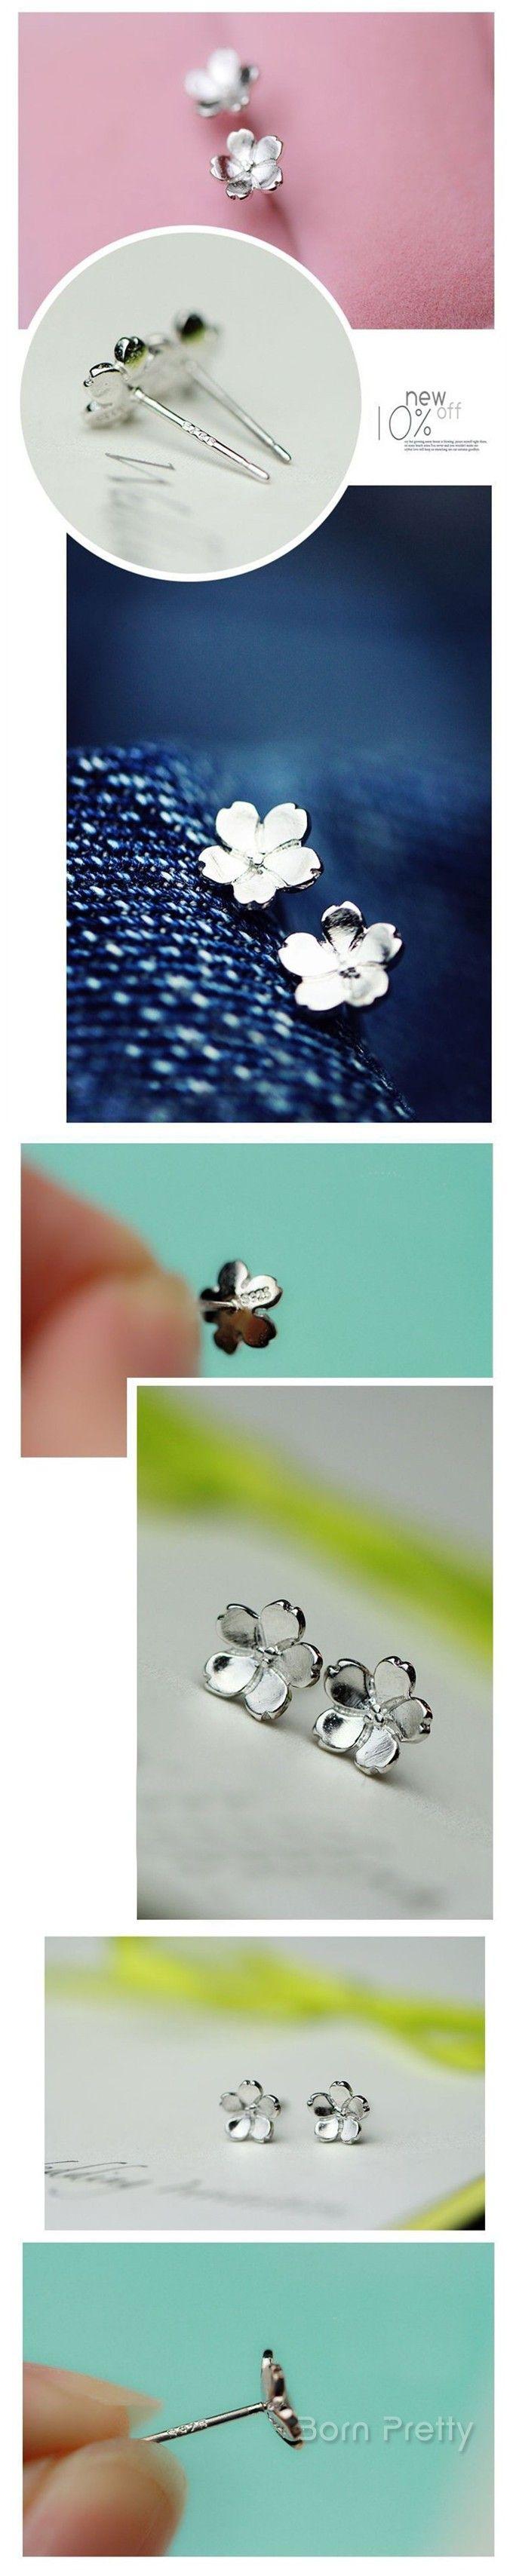 # 24839 JPY ¥243 1ペア 綺麗な花フラワーシルバーおしゃれピアスファッションアクセサリー&ジュエリー  - harunouta.com